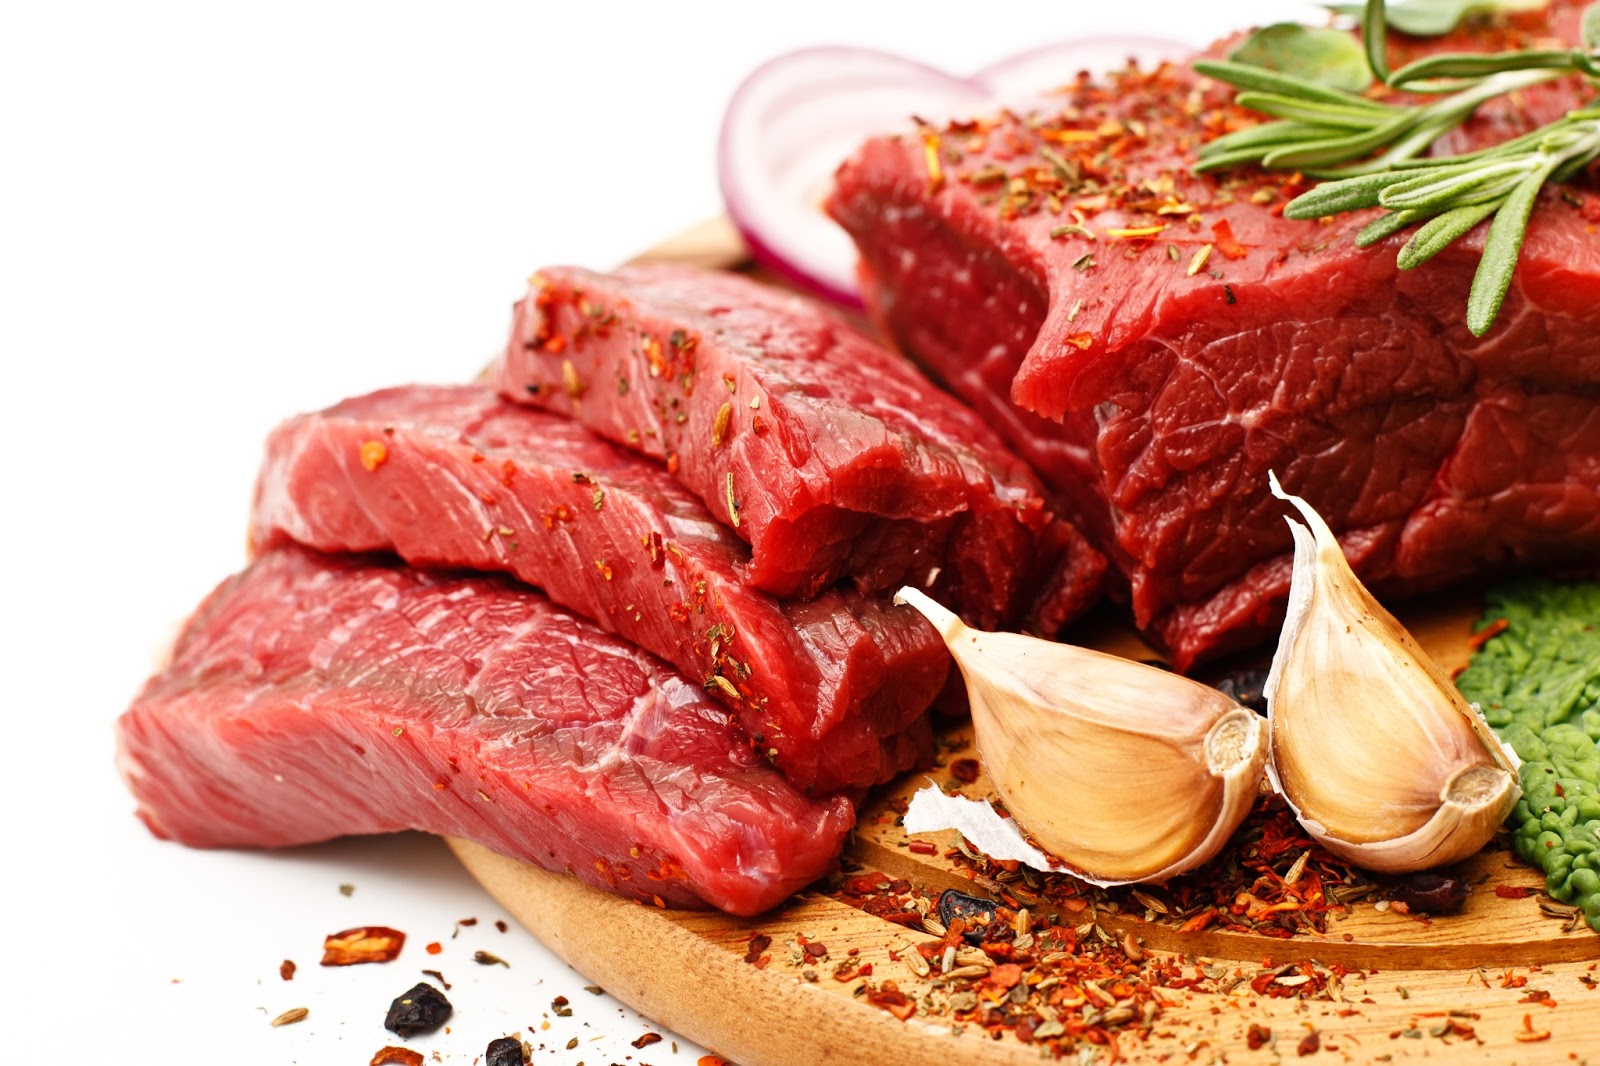 phpwaLpvc - Как красное мясо влияет на иммунную систему